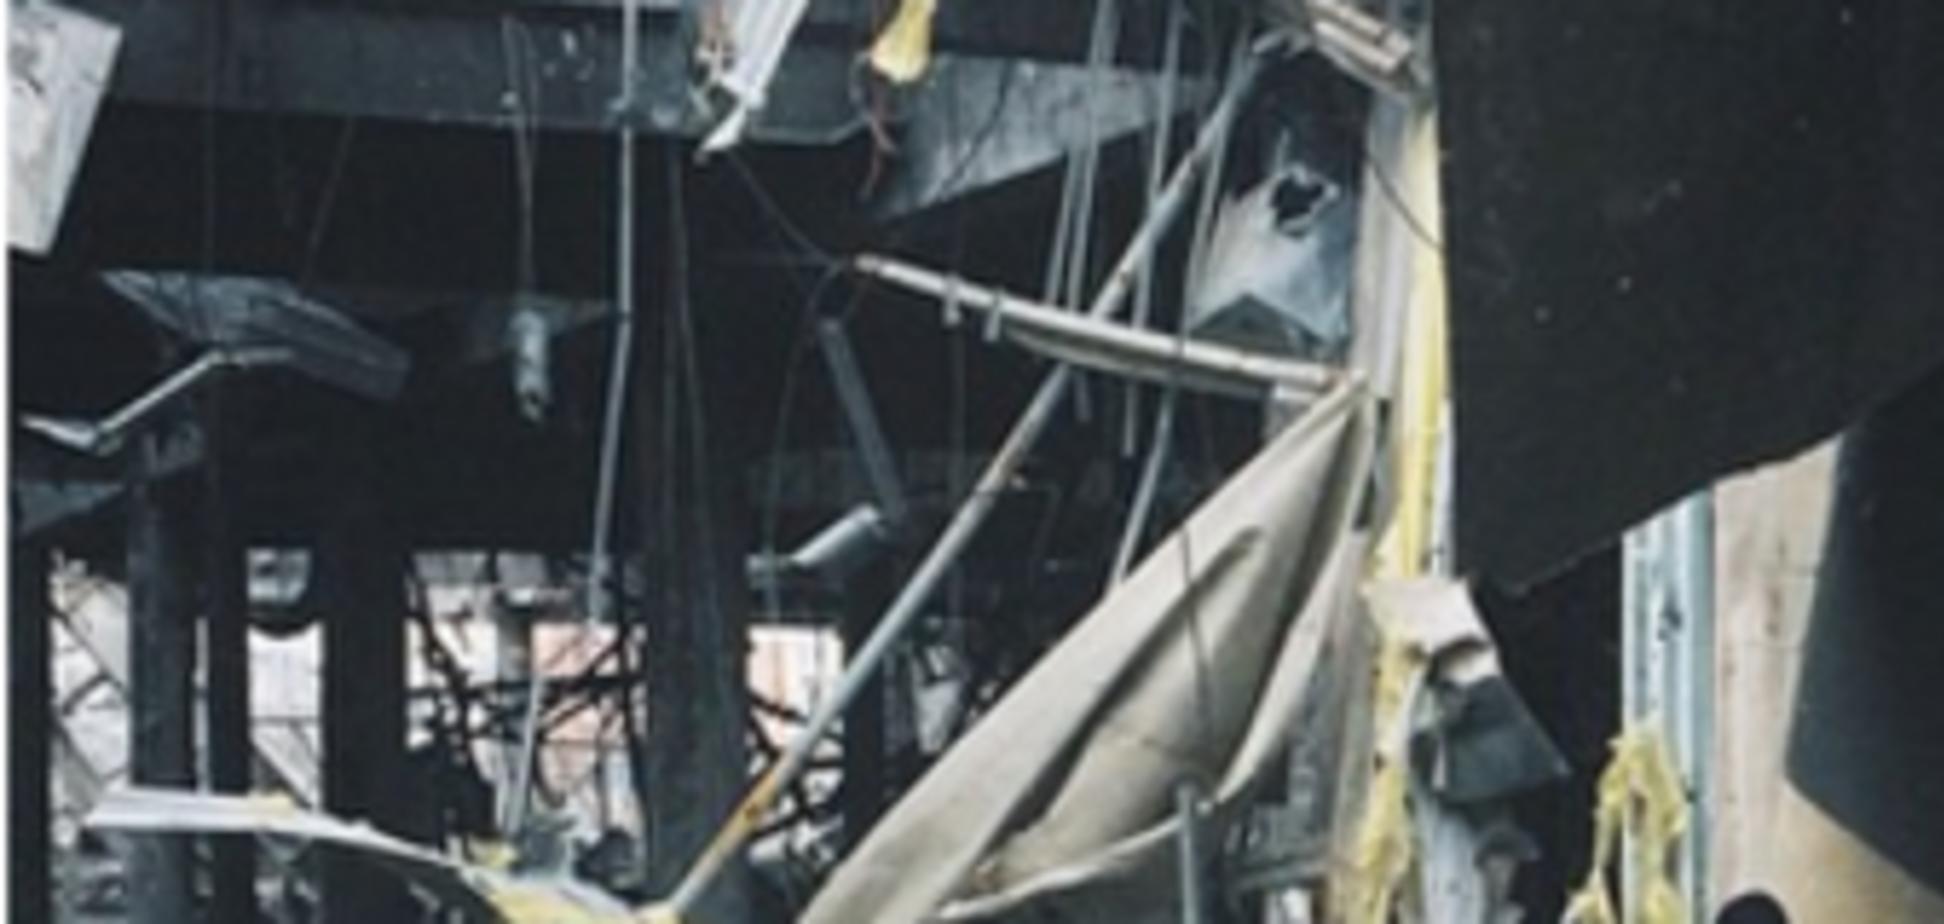 Террористы заставляют пленных 'киборгов' разбирать руины донецкого аэропорта: опубликованы фото